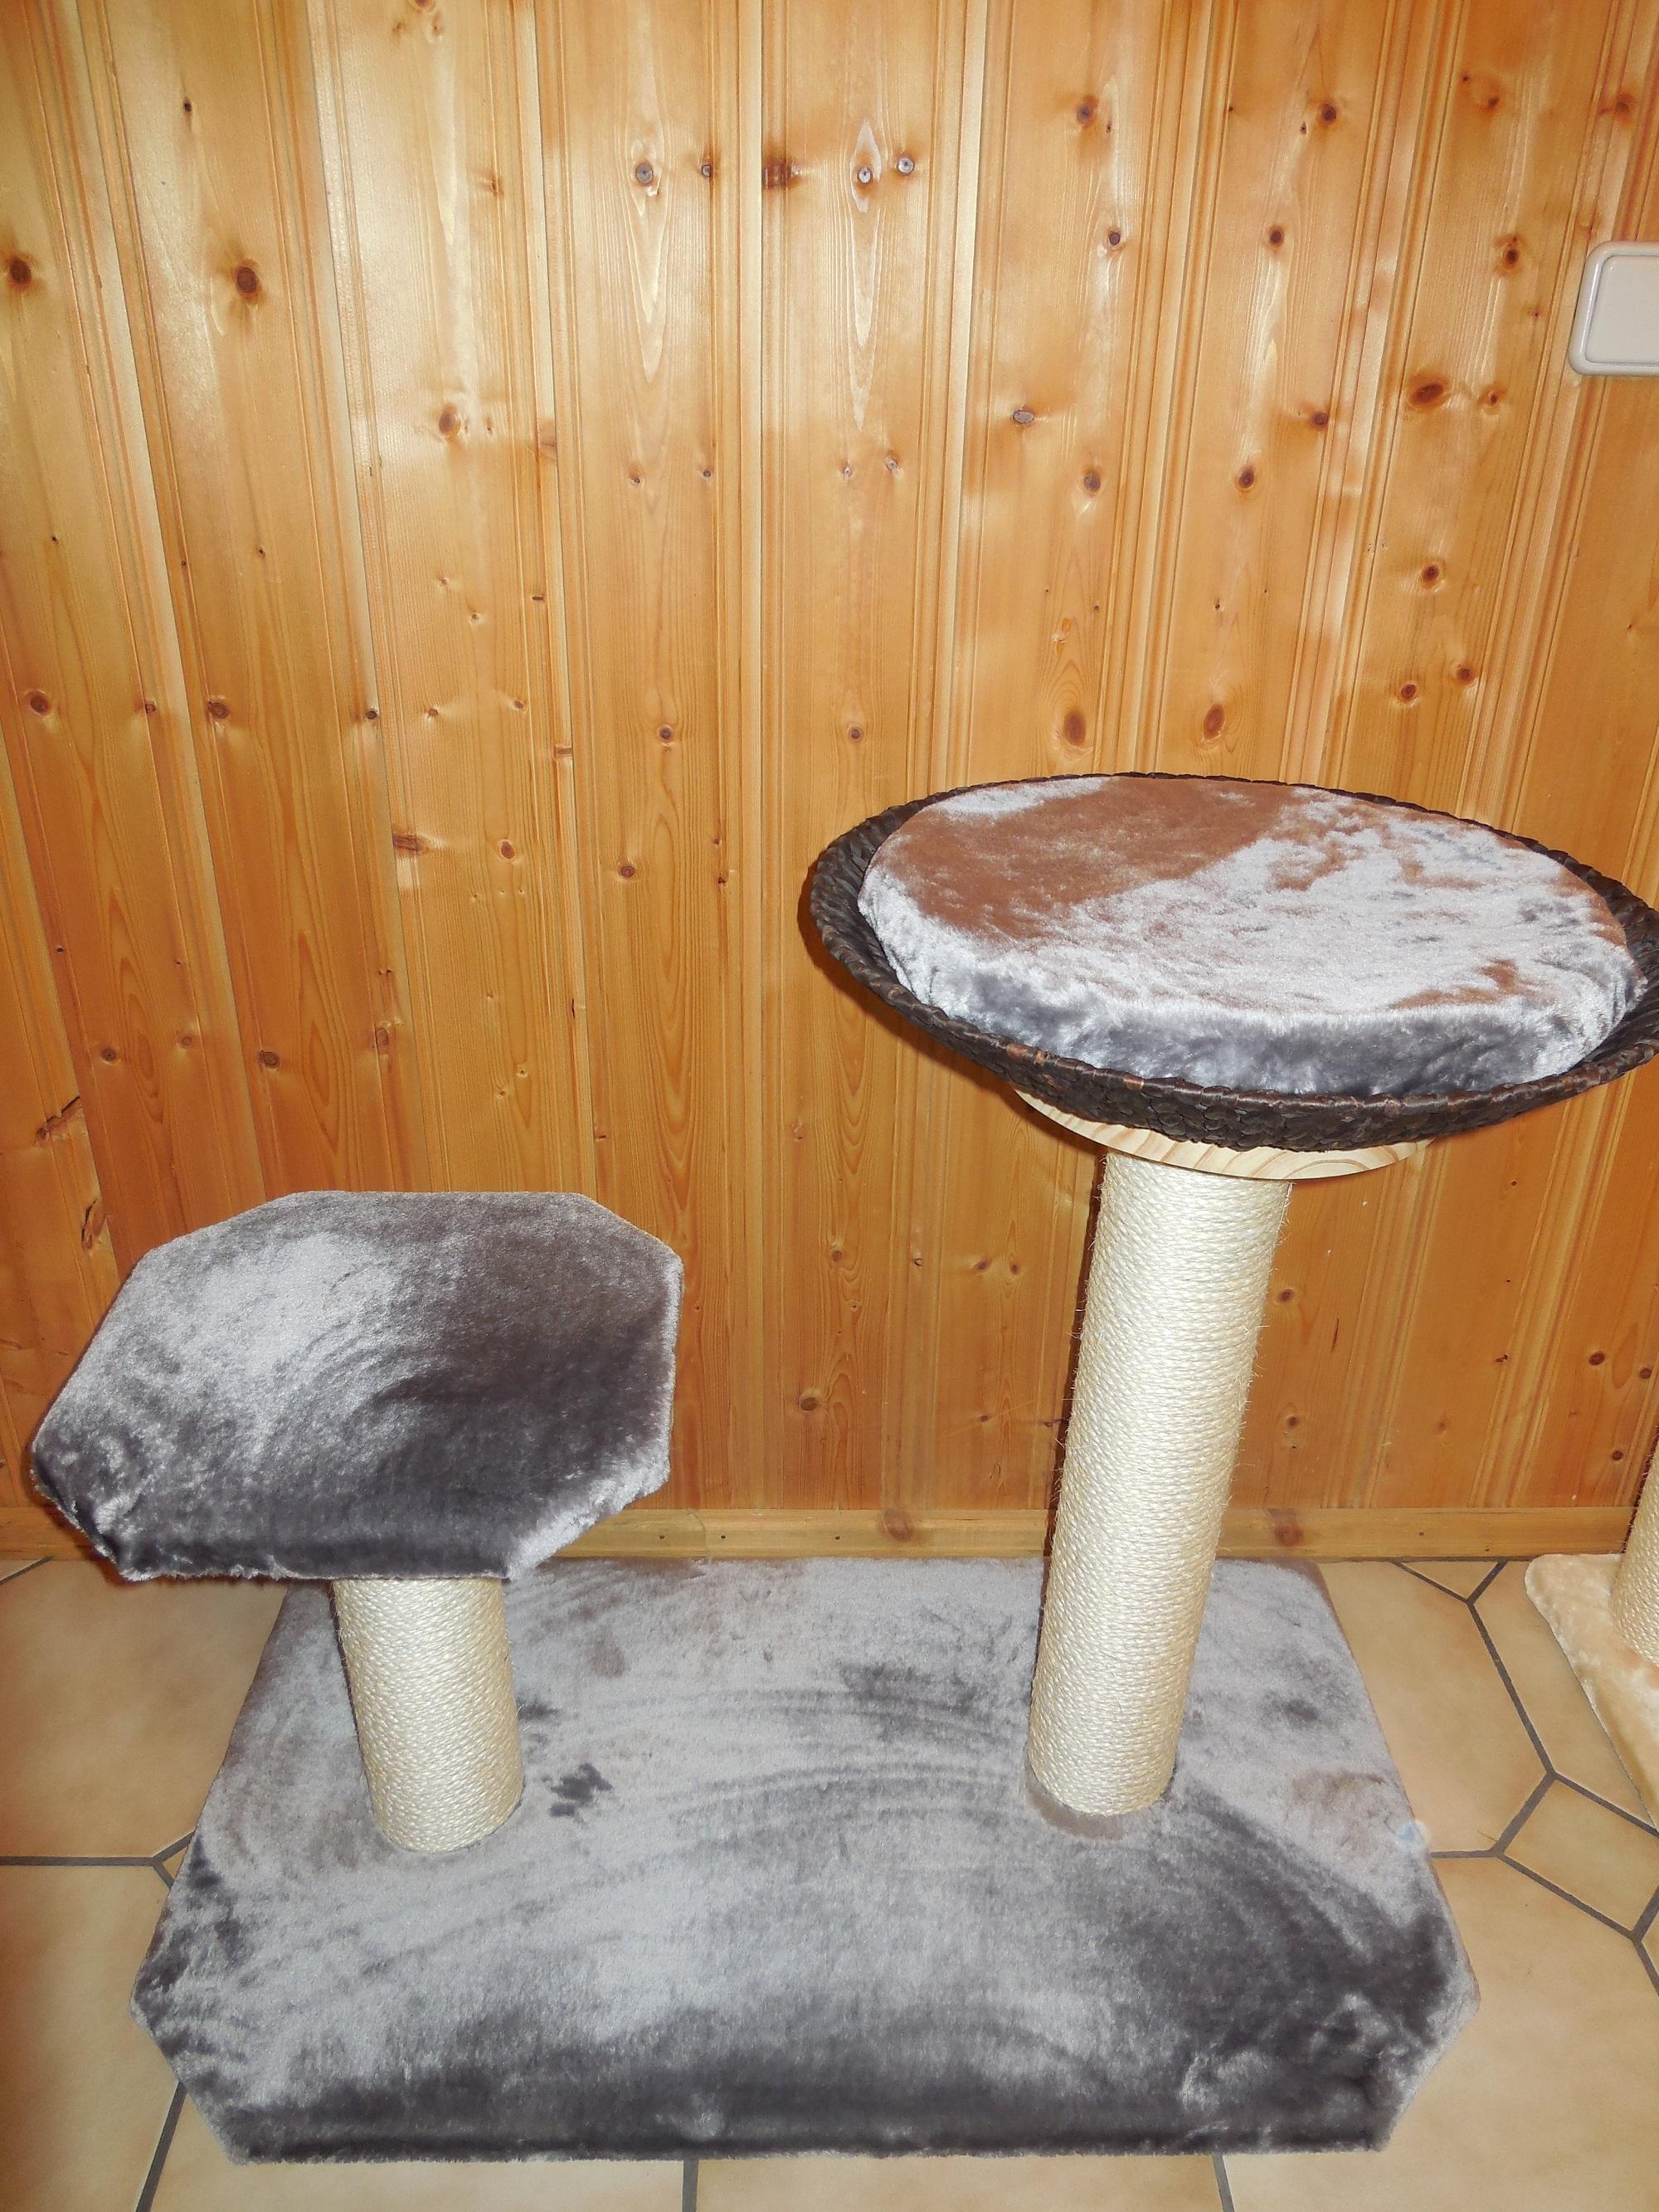 kratzbaum klein stabil | kratzbaumwelt24.de